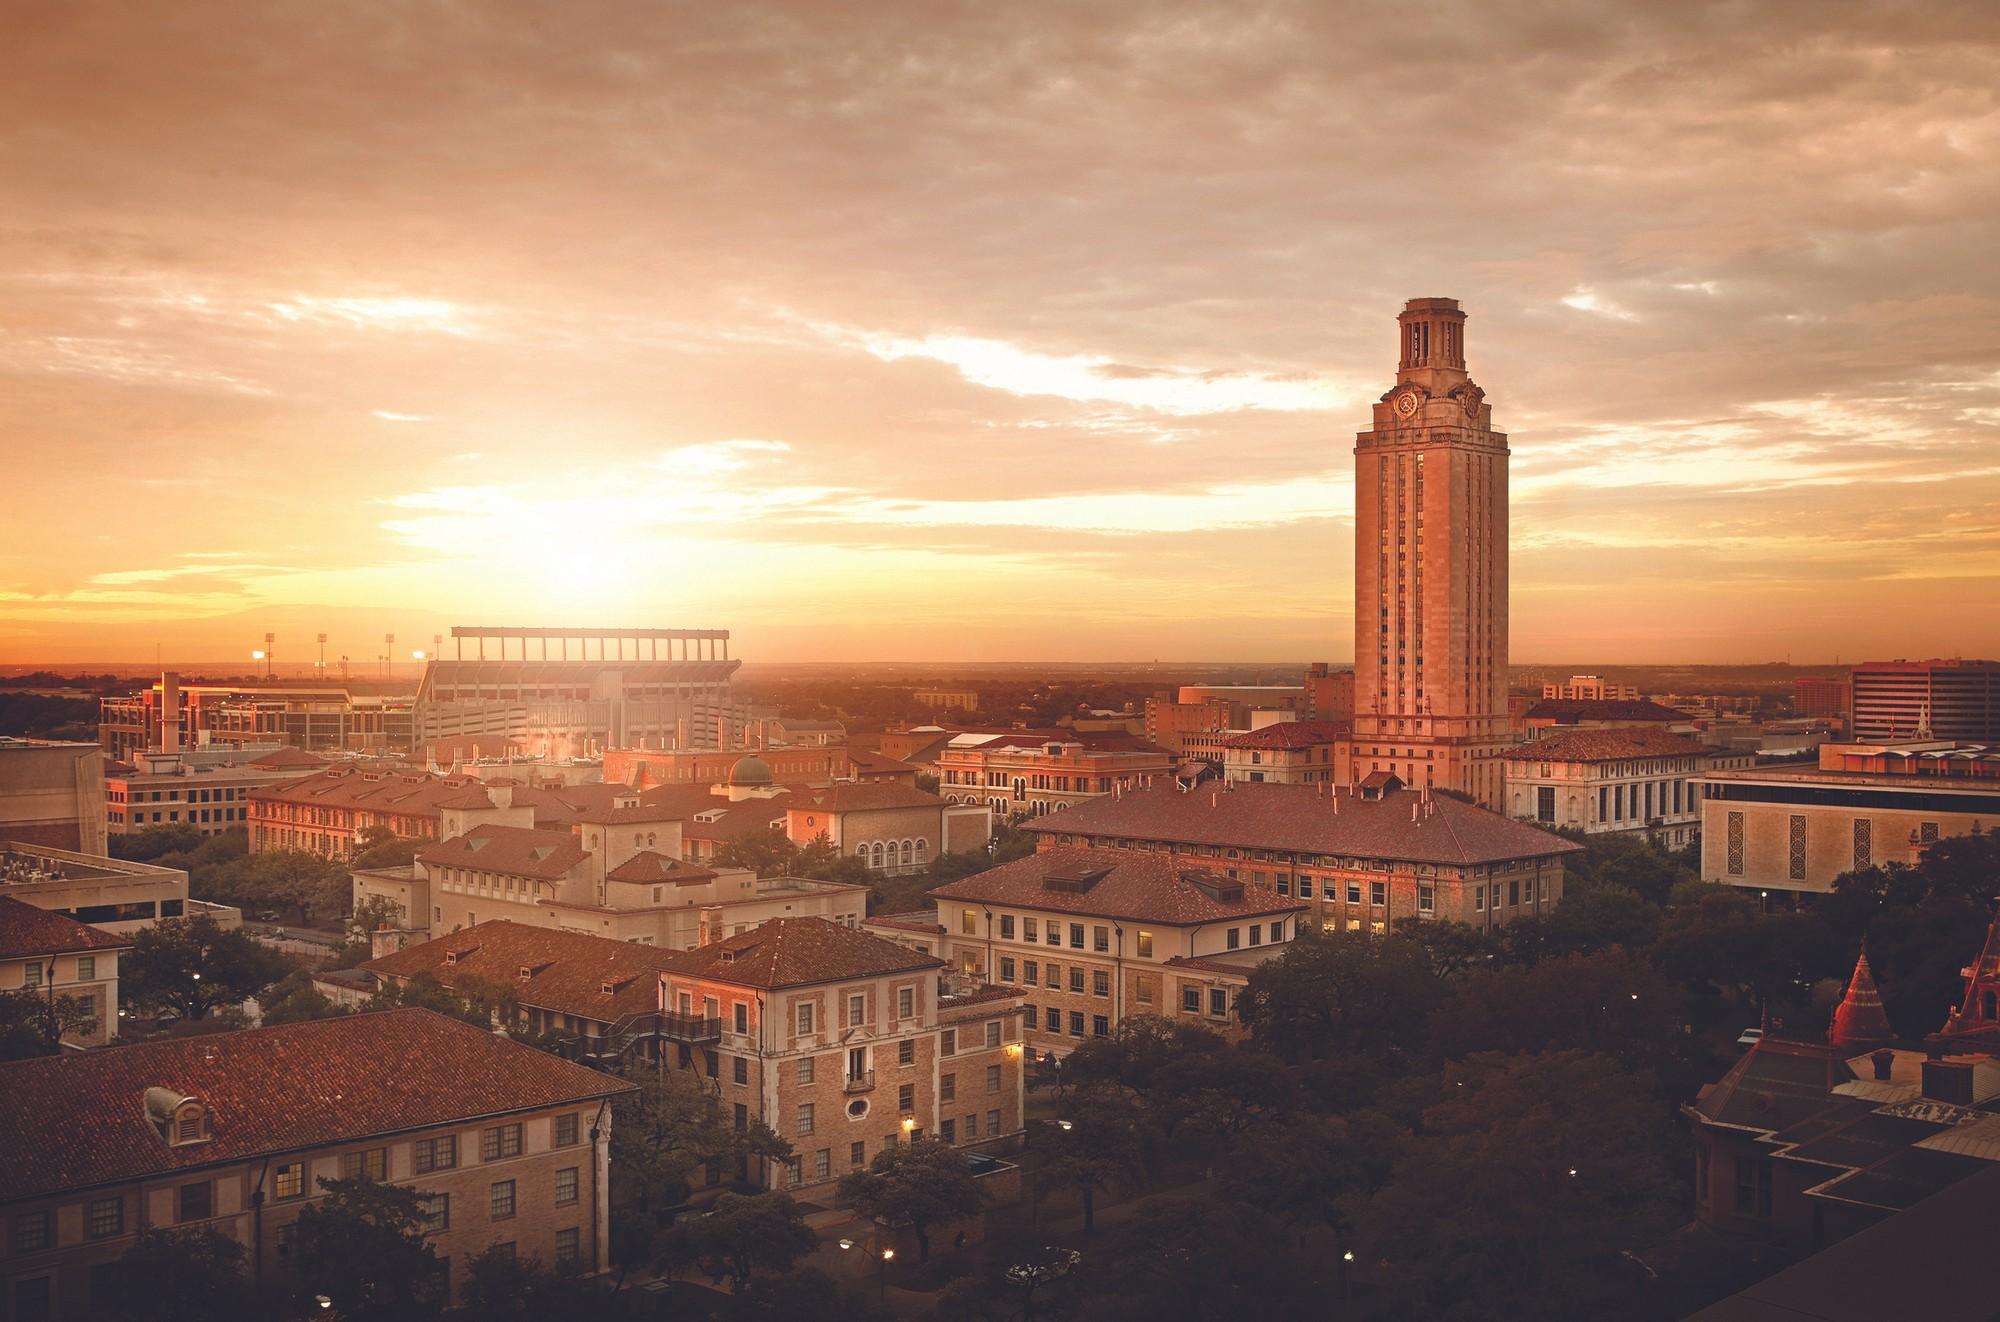 UT Austin campus image at sunset